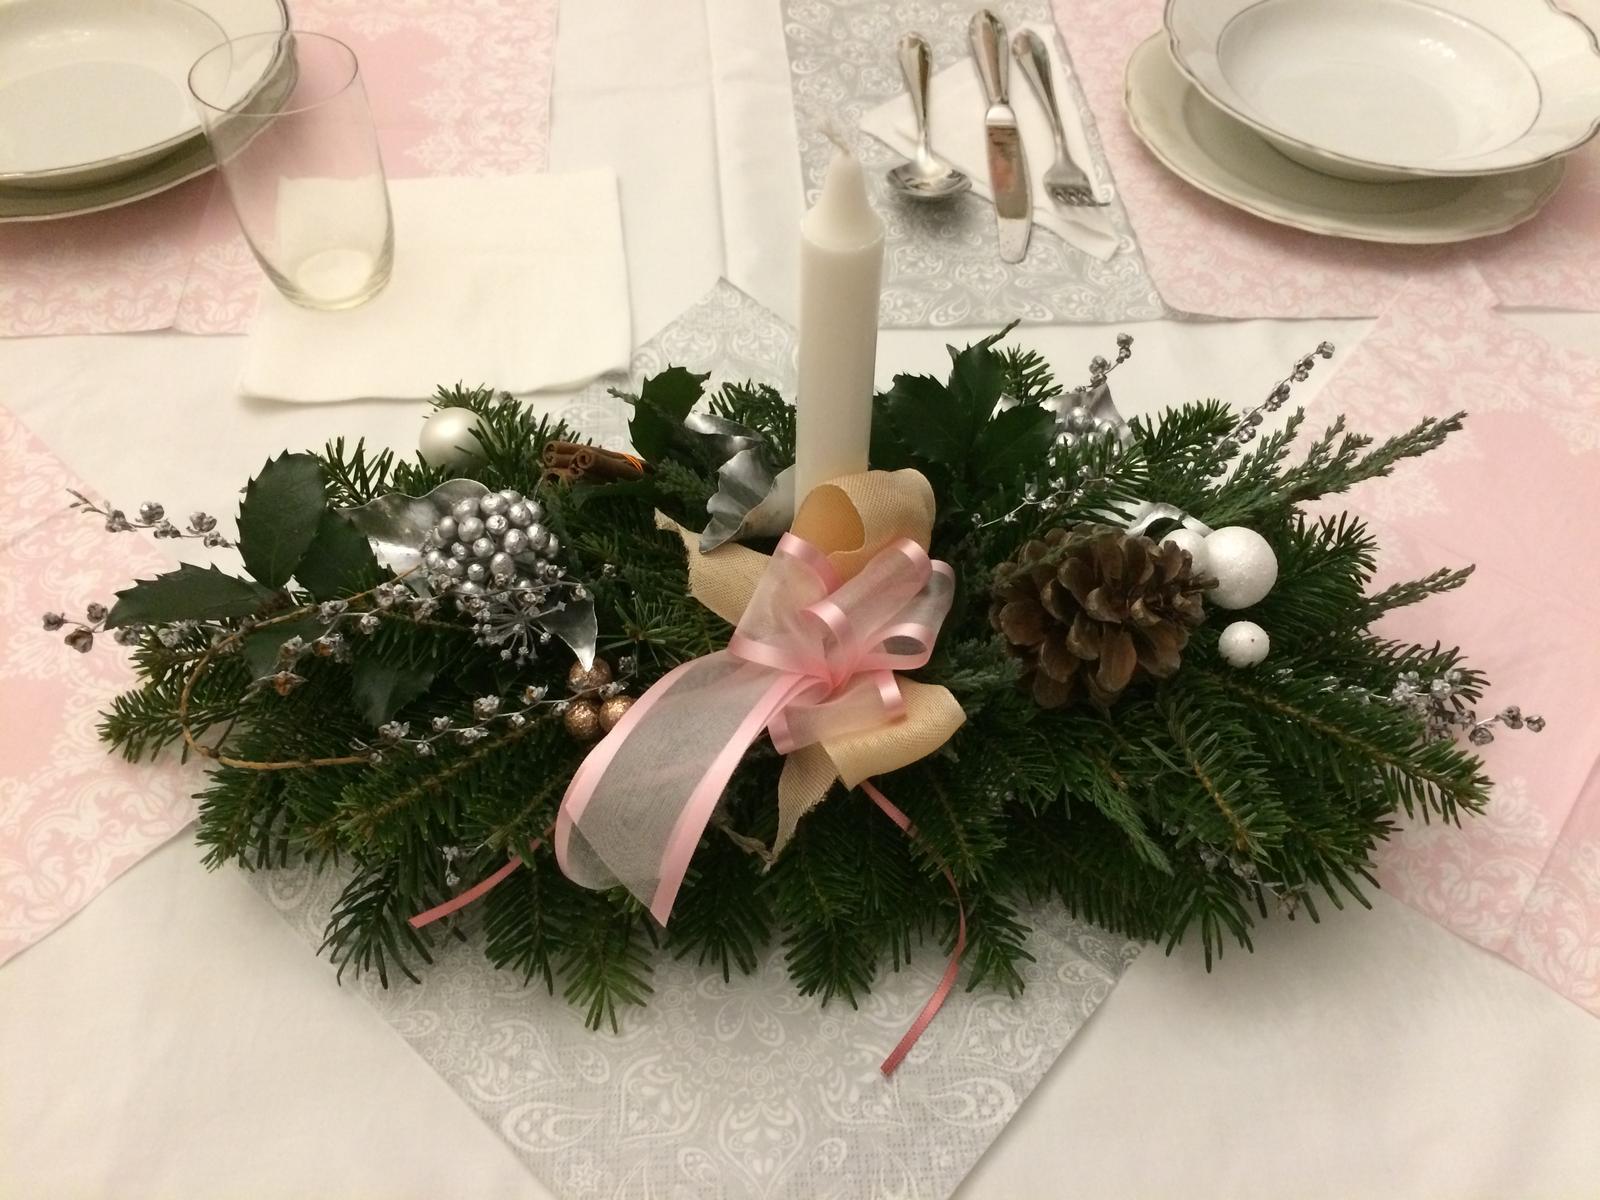 Dekorace z květin Pro radost - letošní Vánoce u rodičů, aranžmá na stůl, který prostíraly naše dítka. Letos prostě růžovobílostřibrná